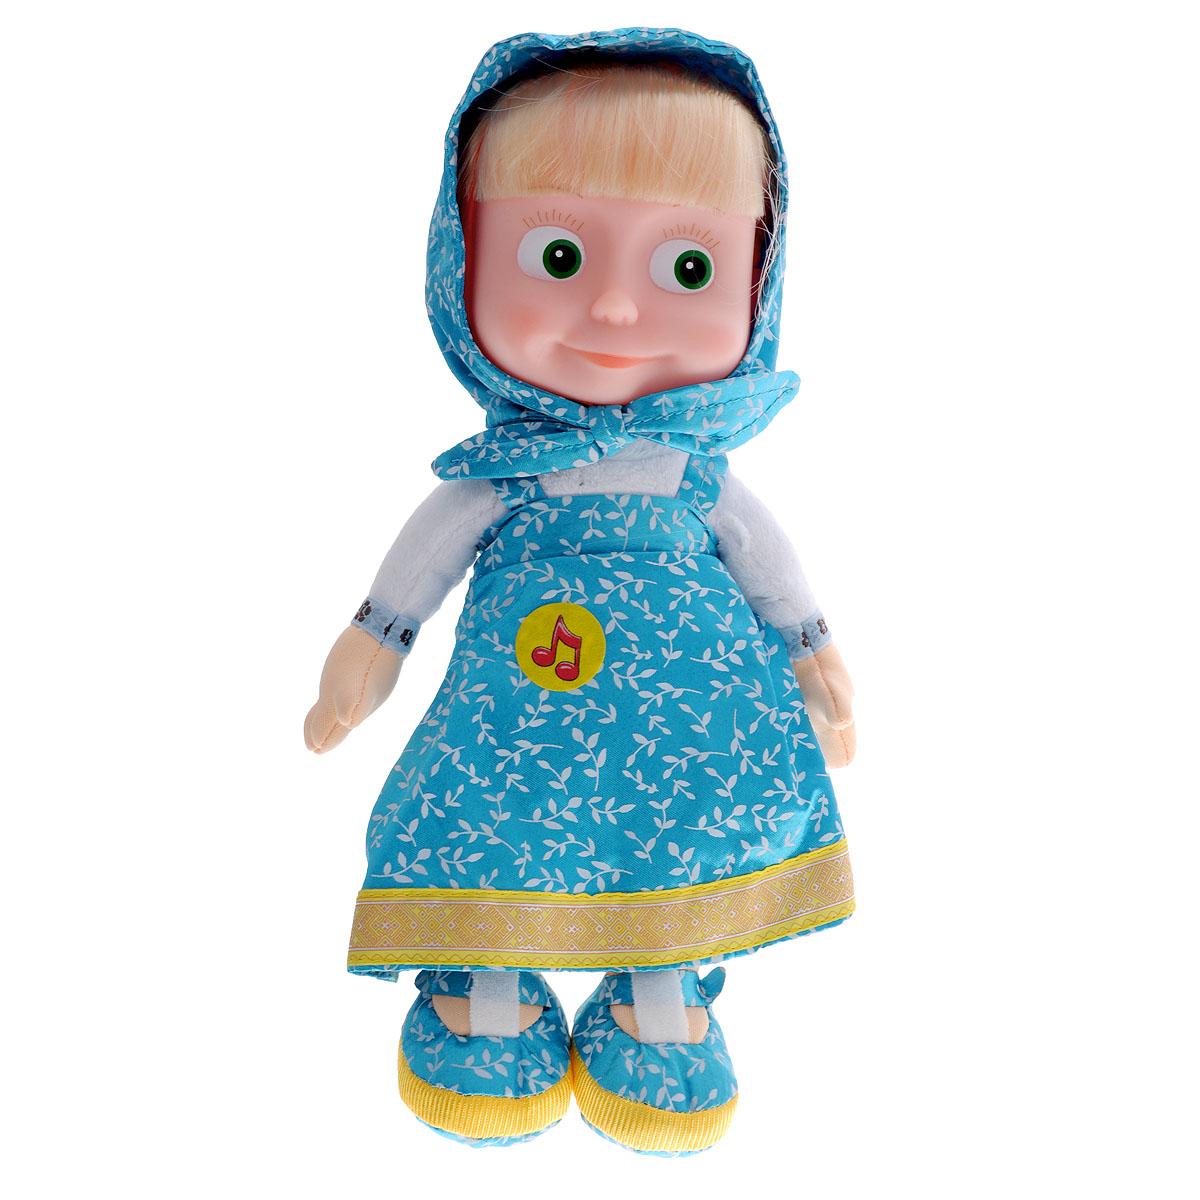 Мягкая озвученная игрушка Мульти-Пульти Маша, цвет: голубой, 29 смV86121/30A_голубойМягкая озвученная игрушка Мульти-Пульти Маша непременно развеселит вашего малыша! Она выполнена в виде Маши - главной героини популярного мультсериала Маша и Медведь. Туловище, ручки и ножки игрушки - мягкие, с набивкой из гипоаллергенного синтепона, голова - пластиковая. Маша одета в свой любимый сарафан, на голове повязан платочек такого же цвета. У Маши роскошные светлые волосы, которые можно заплетать и расчесывать. Если нажать игрушке на животик, она произнесет одну из 5 своих коронных фраз или споет песенку из мультфильма. Специальные гранулы, используемые при ее набивке, способствуют развитию мелкой моторики рук малыша. Великолепное качество исполнения делают эту игрушку чудесным подарком к любому празднику. Трогательная и симпатичная, она непременно вызовет улыбку у детей и взрослых. Игрушка подарит своему обладателю хорошее настроение и позволит насладиться обществом любимого героя.